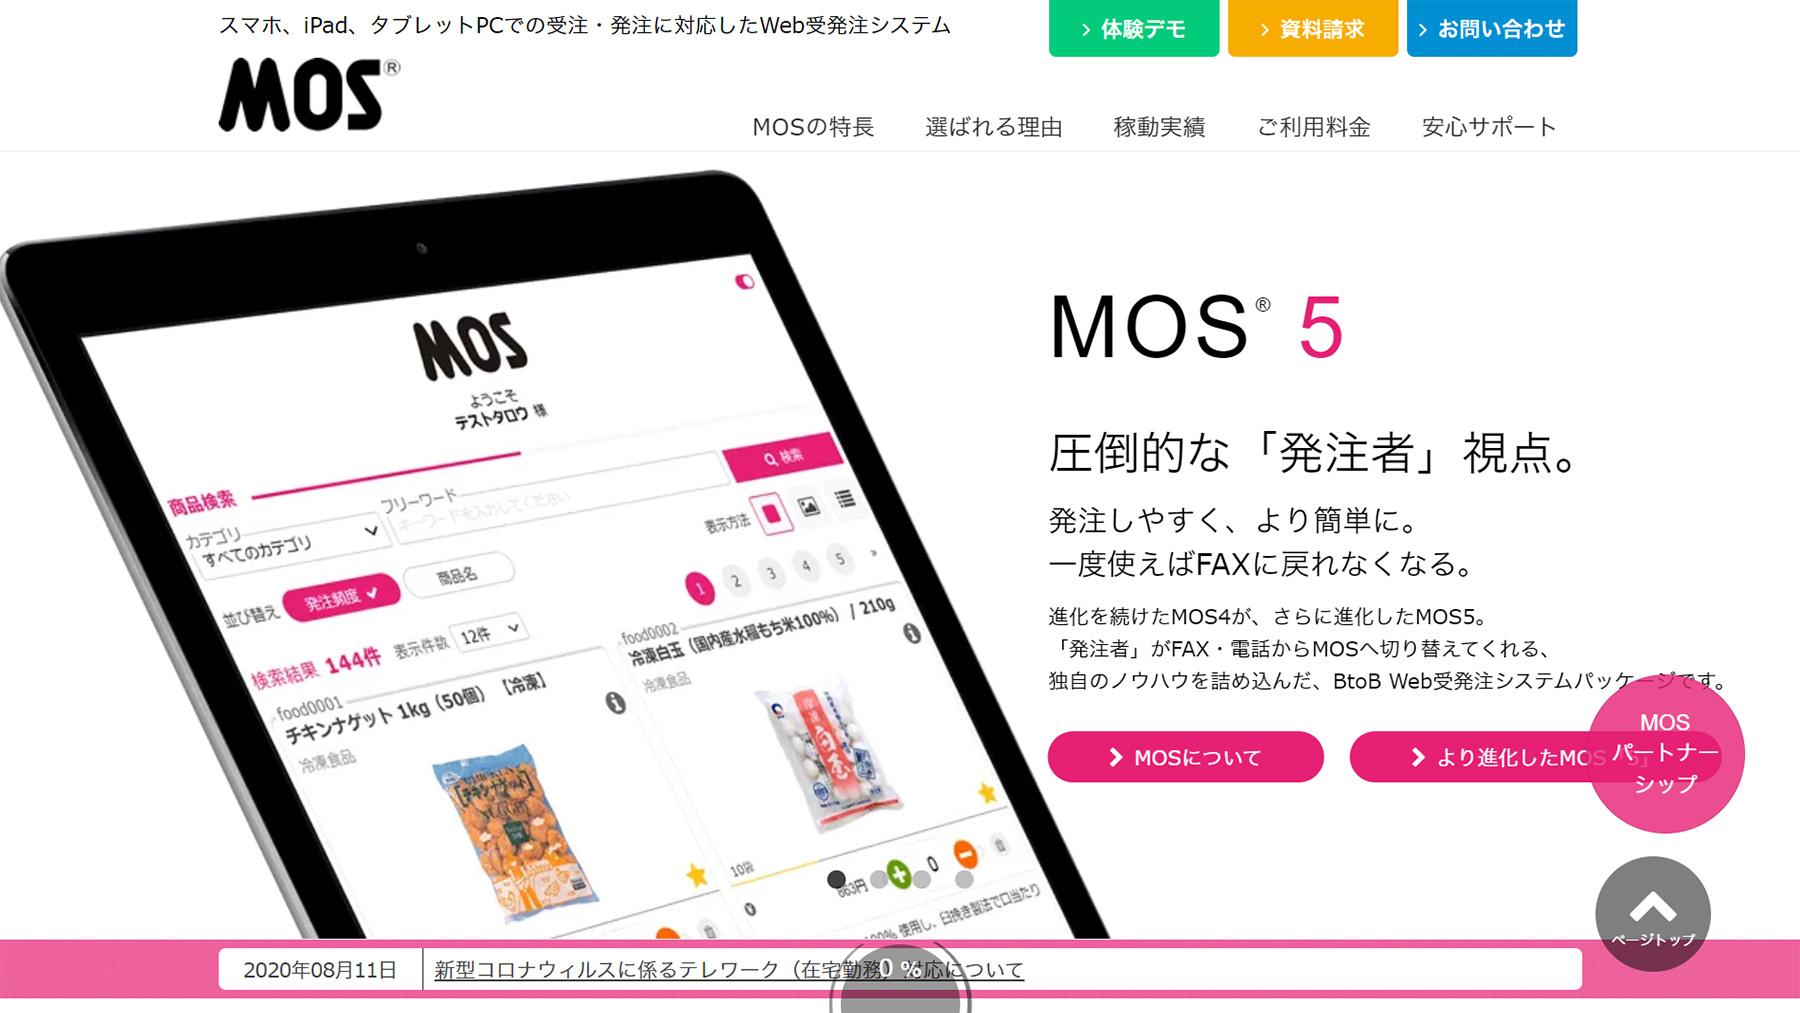 MOS公式Webサイト